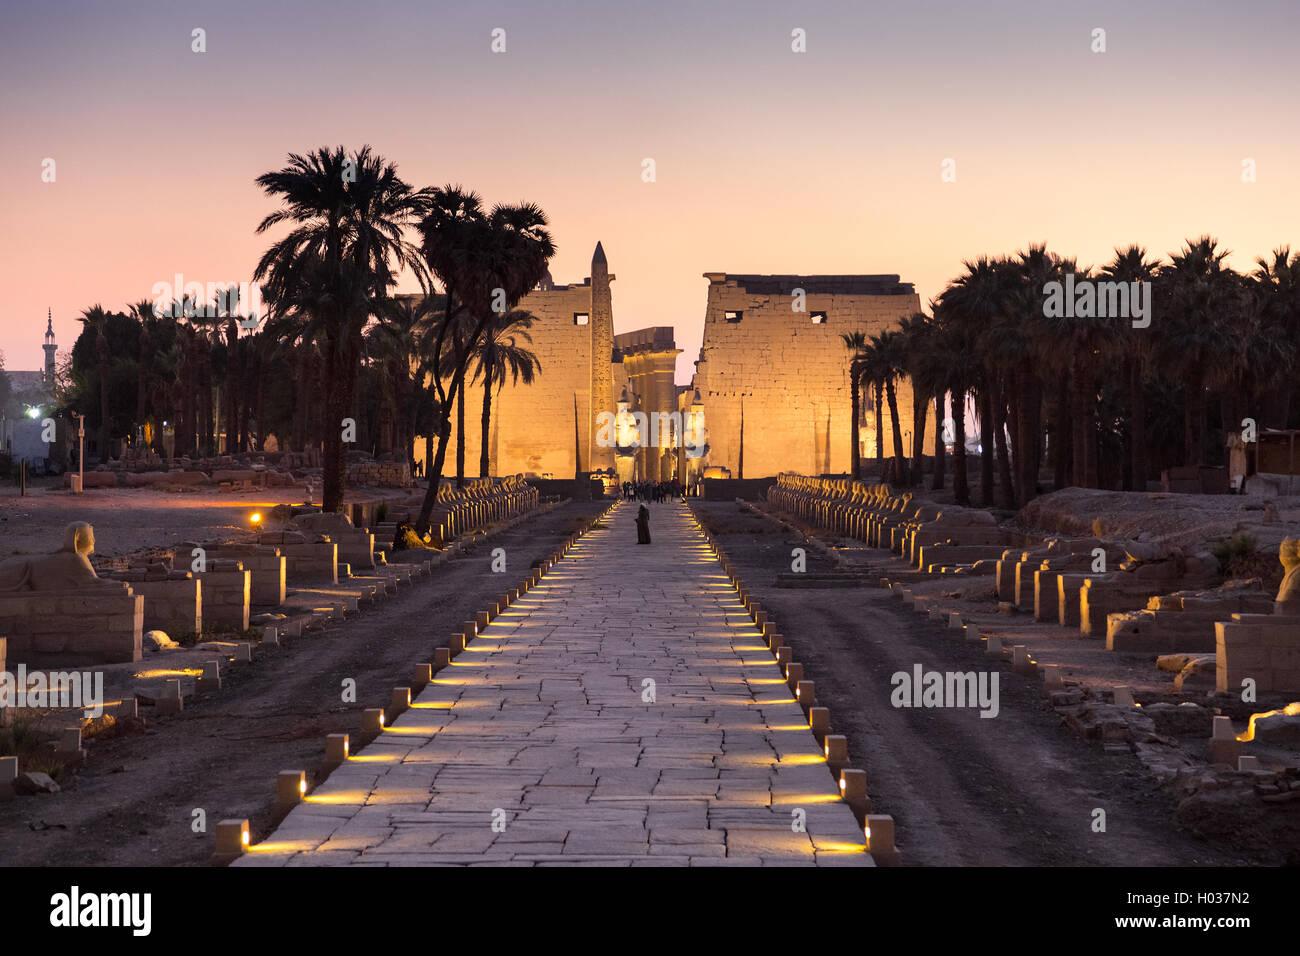 Photo de nuit de l'Avenue de Sphinx au temple de Louxor. Photo Stock